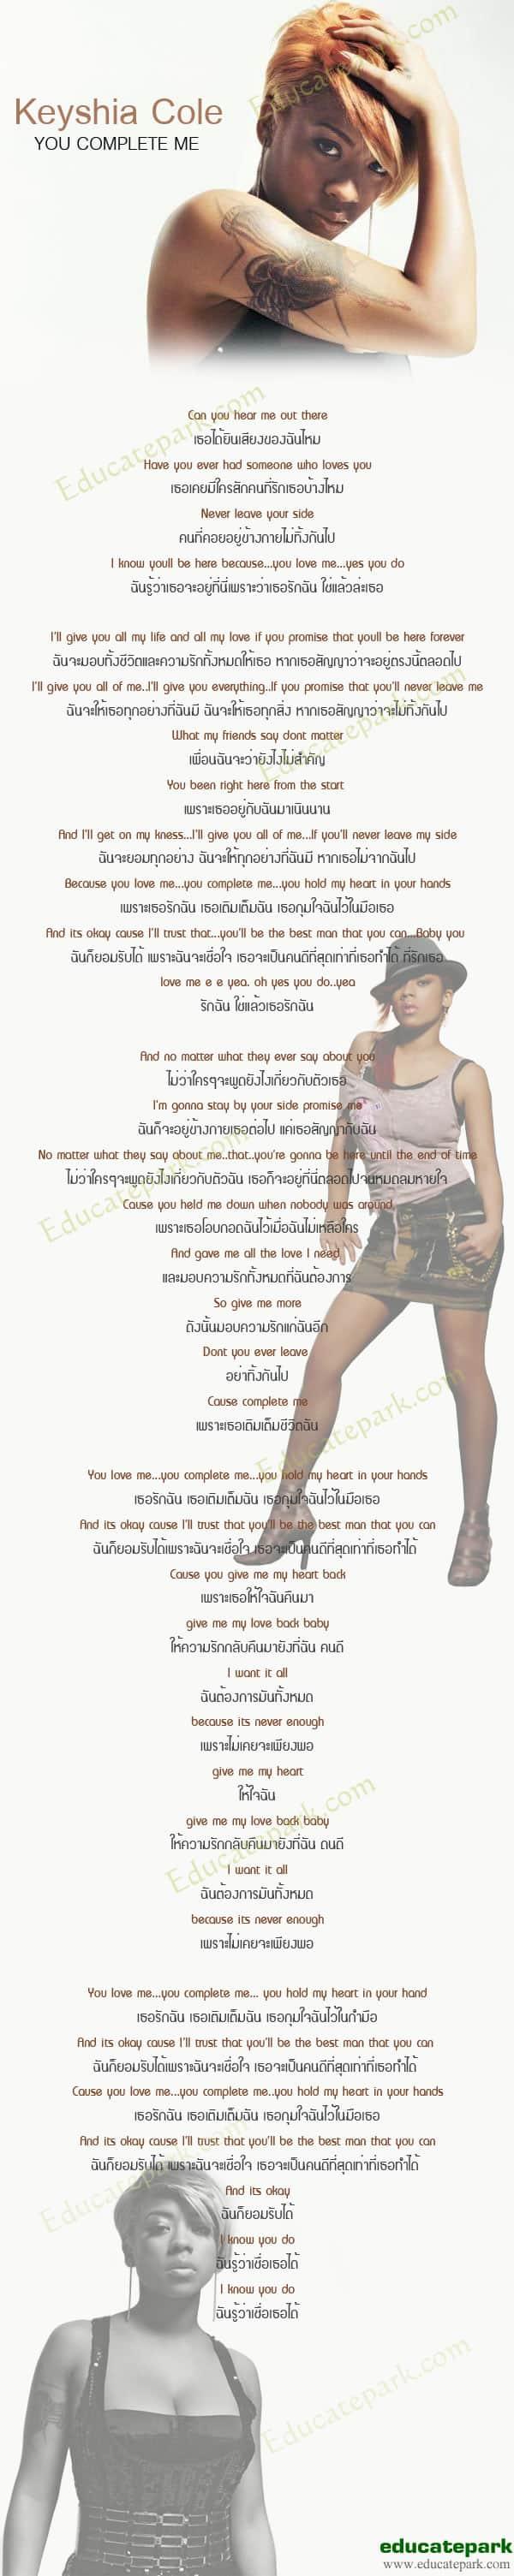 แปลเพลง You Complete Me - Keyshia Cole